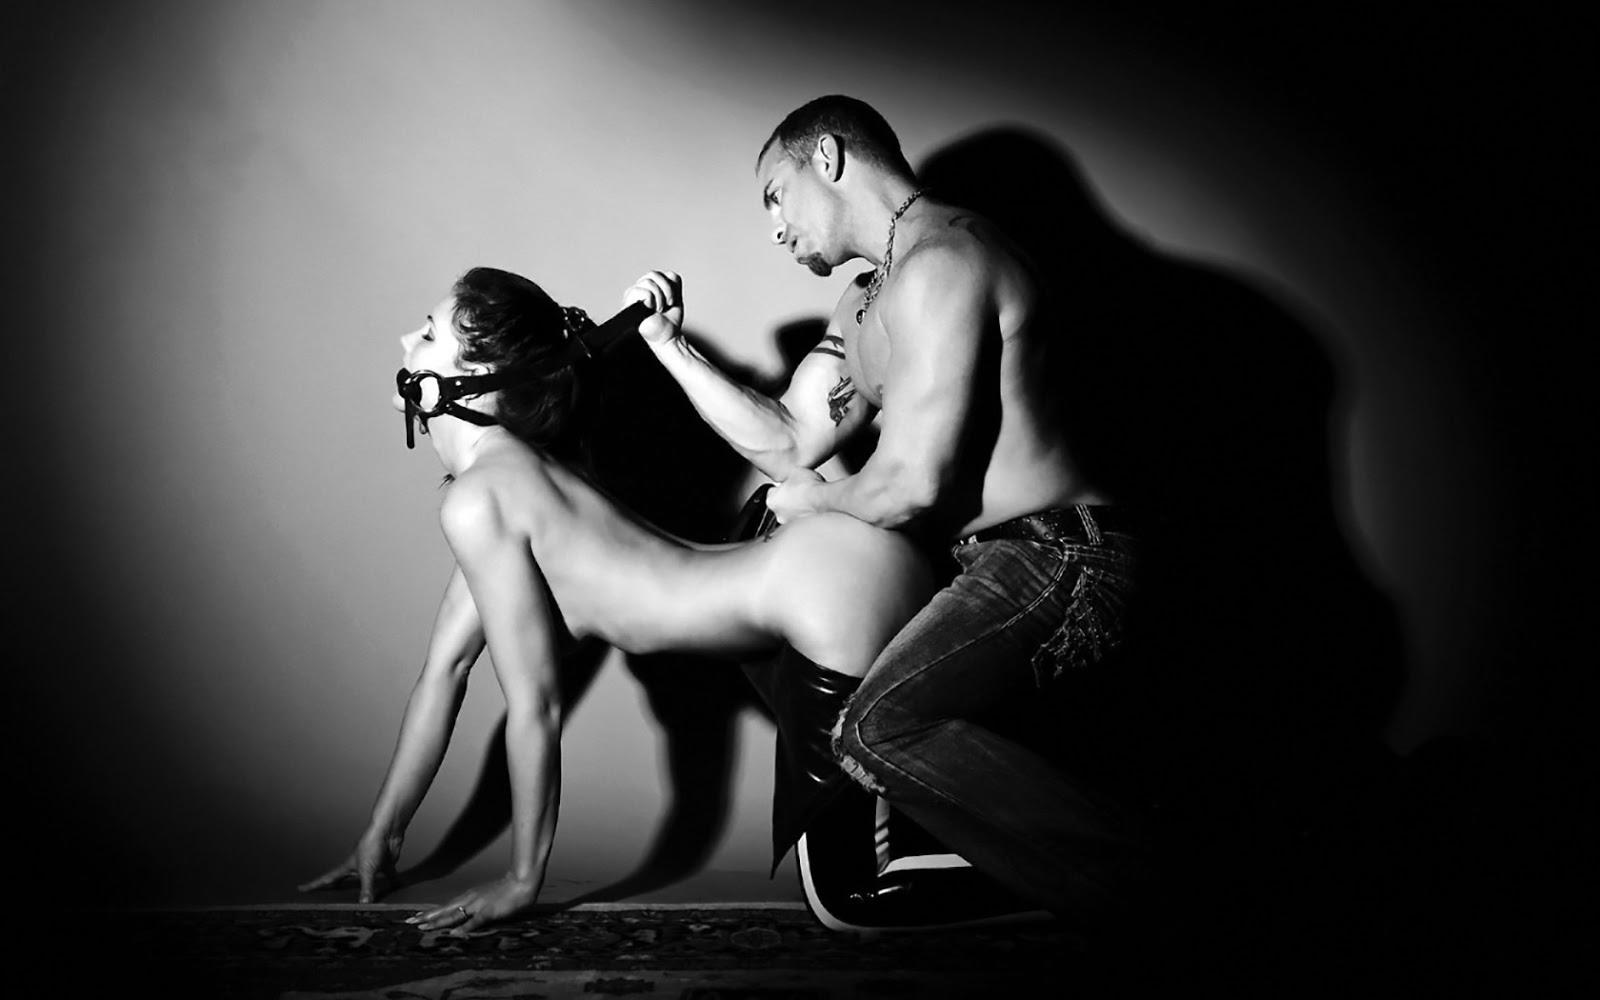 Sử dụng dụng cụ tình dục giúp cả hai đạt được nhiều khoái cảm hơn